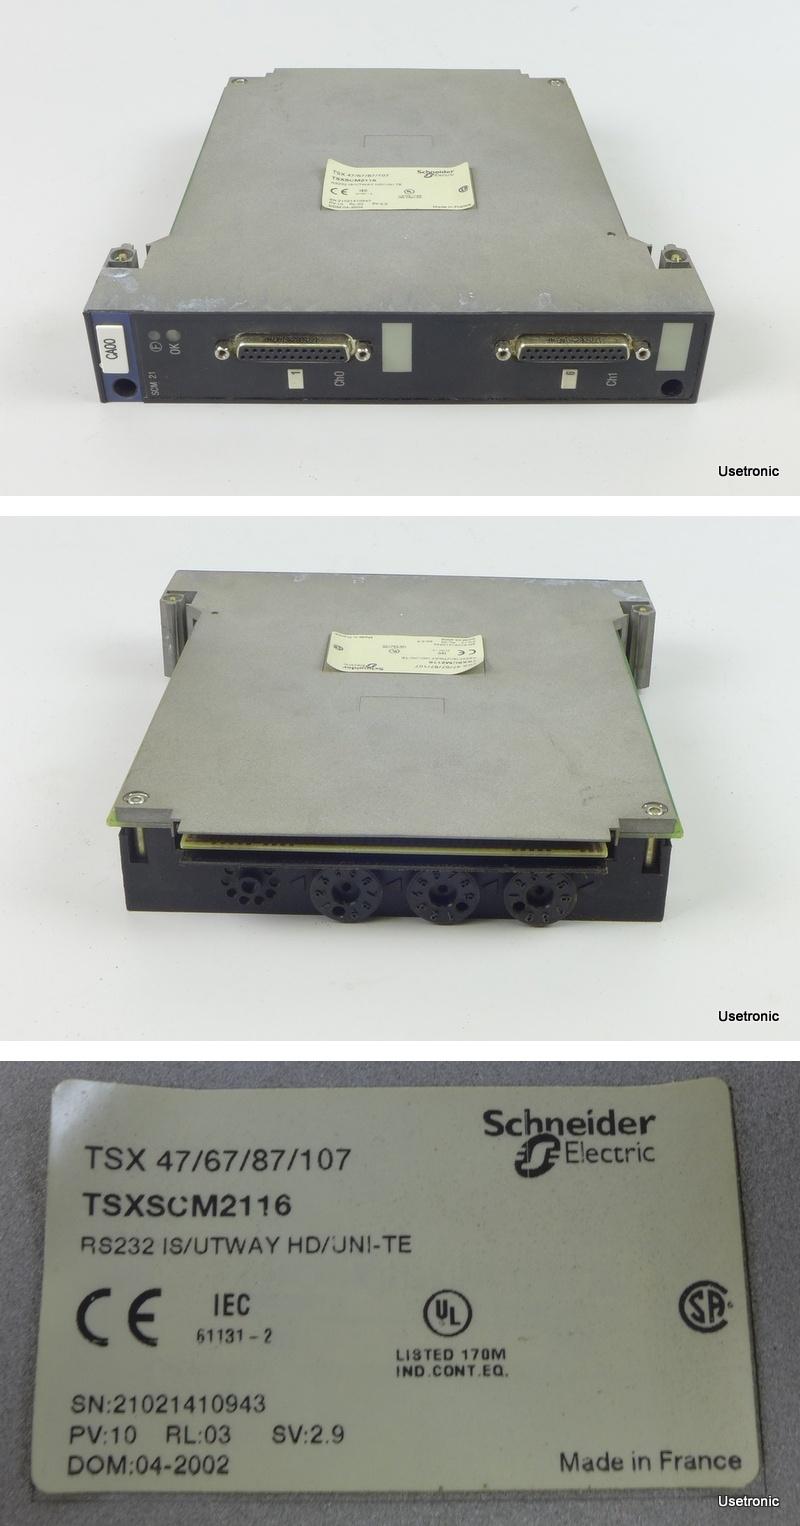 HA278 Telemecanique Schneider Electric TSXSCM2116 TSX SCM 21 16